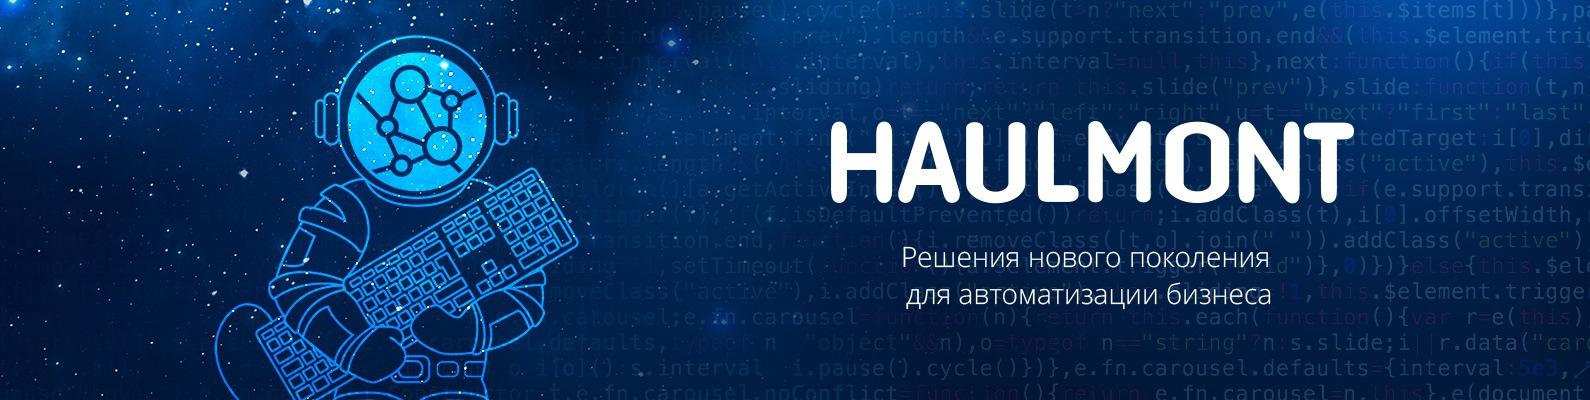 Haulmont   ВКонтакте e324422d504